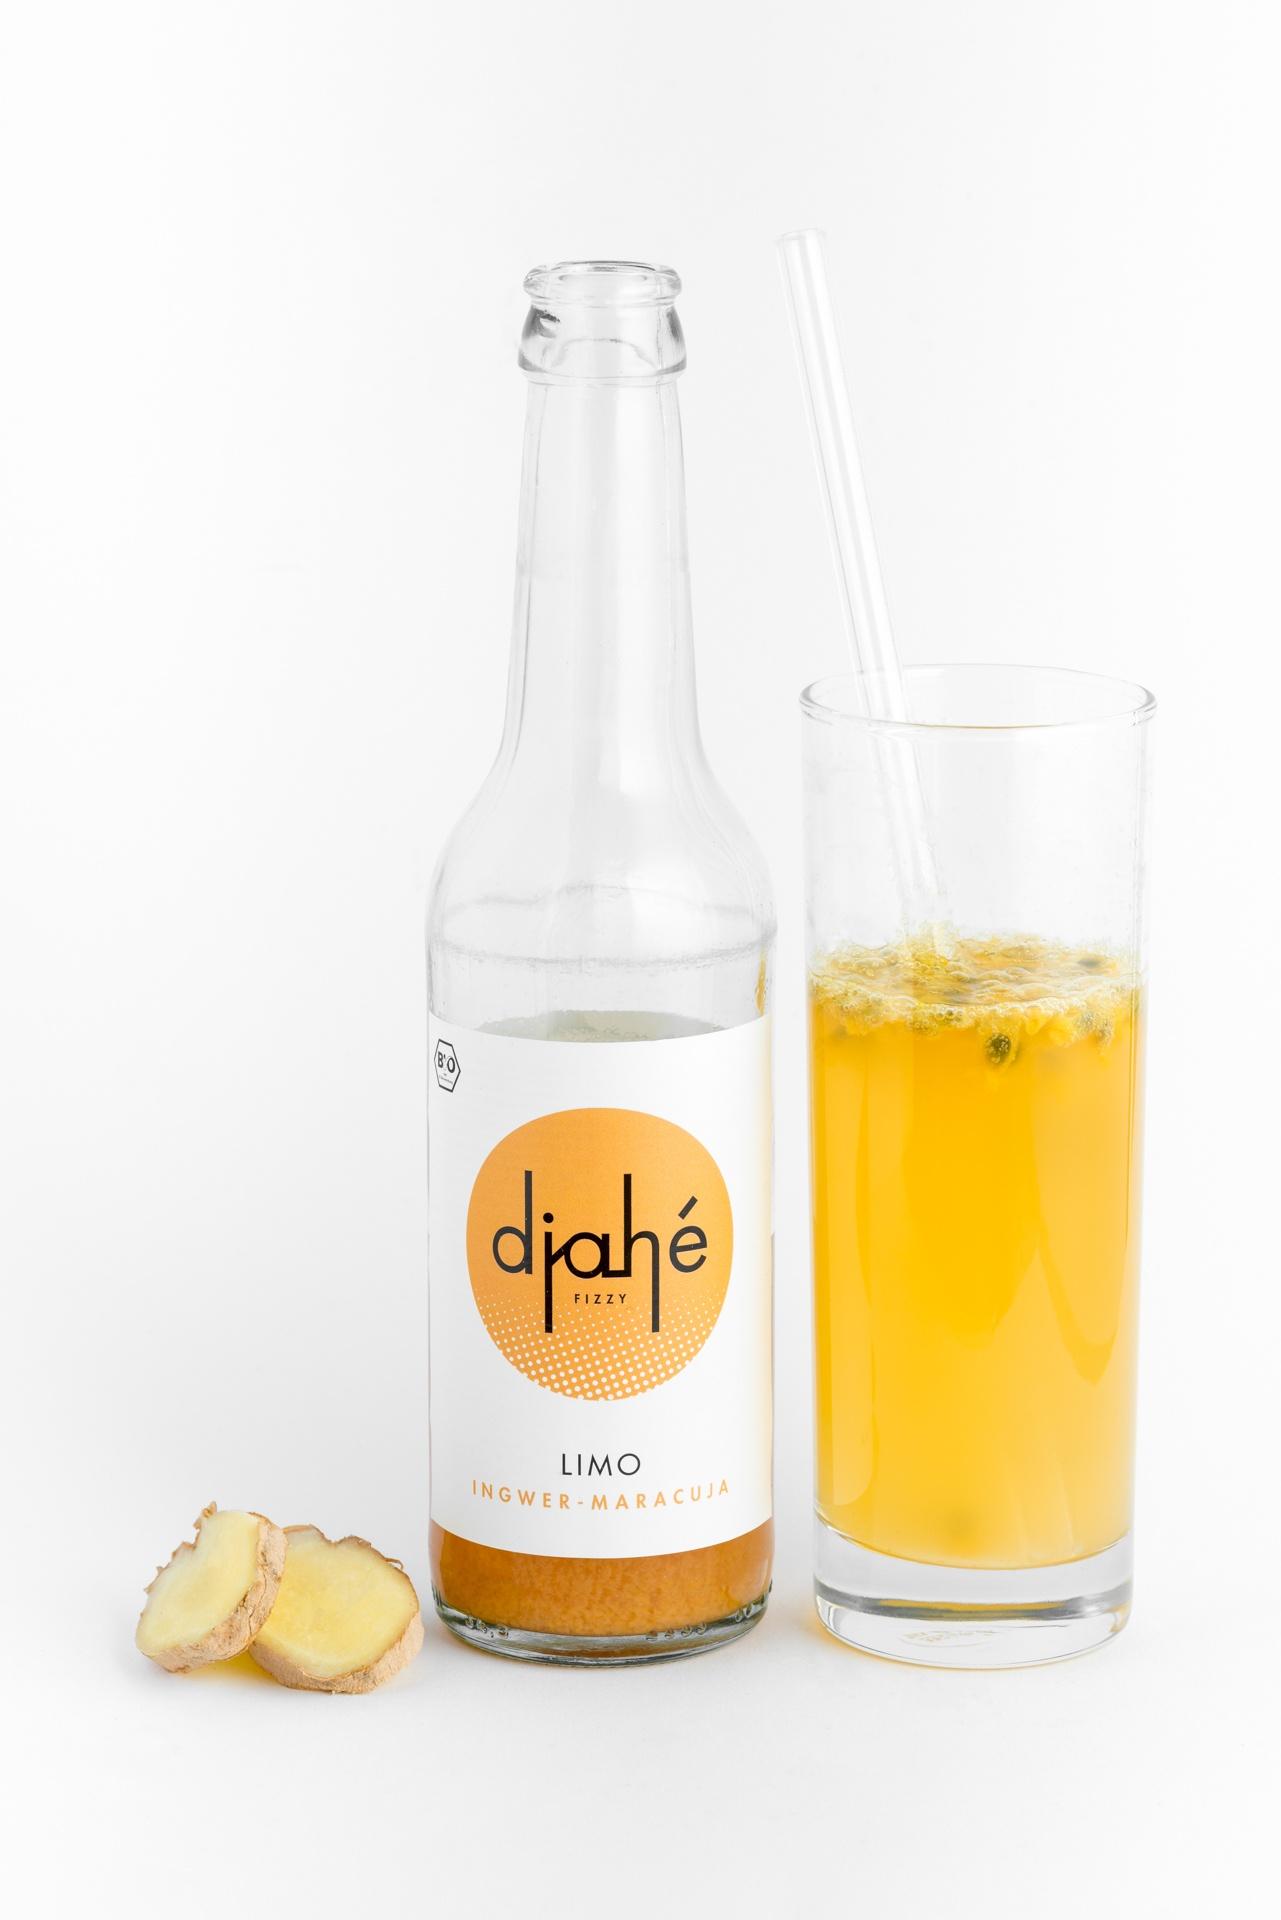 Eine Flasche Limonade aus Ingwersaft und Maracuja